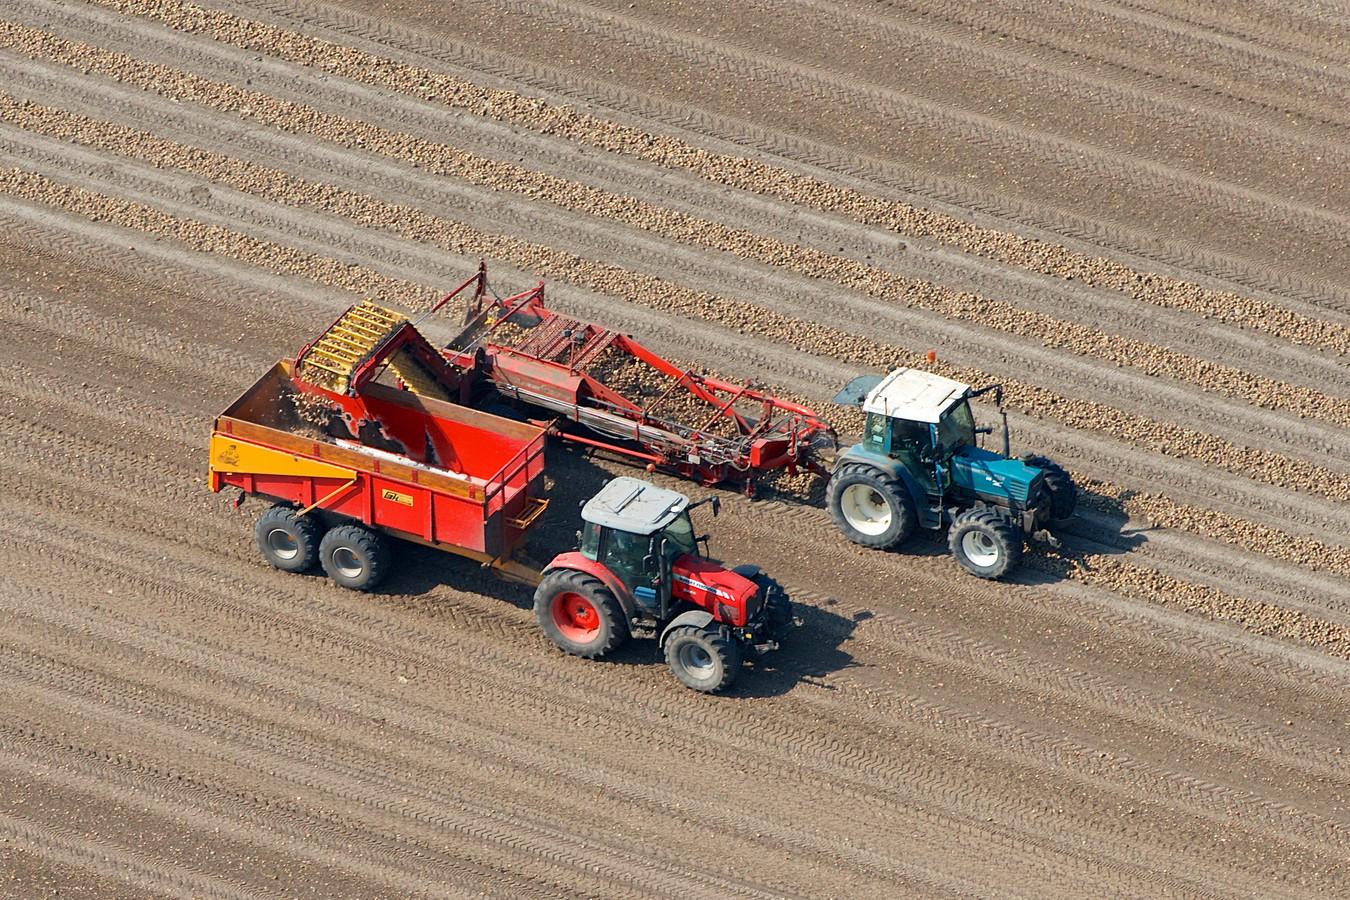 """Aardappeloogst in Flevoland. De polder zou wel eens veel baat kunnen hebben bij de rijdende zonnevelden van H2arvester, zegt Wouter Veefkind van LTO Noord. ,,Strokenlandbouw lijkt er ideaal voor."""""""